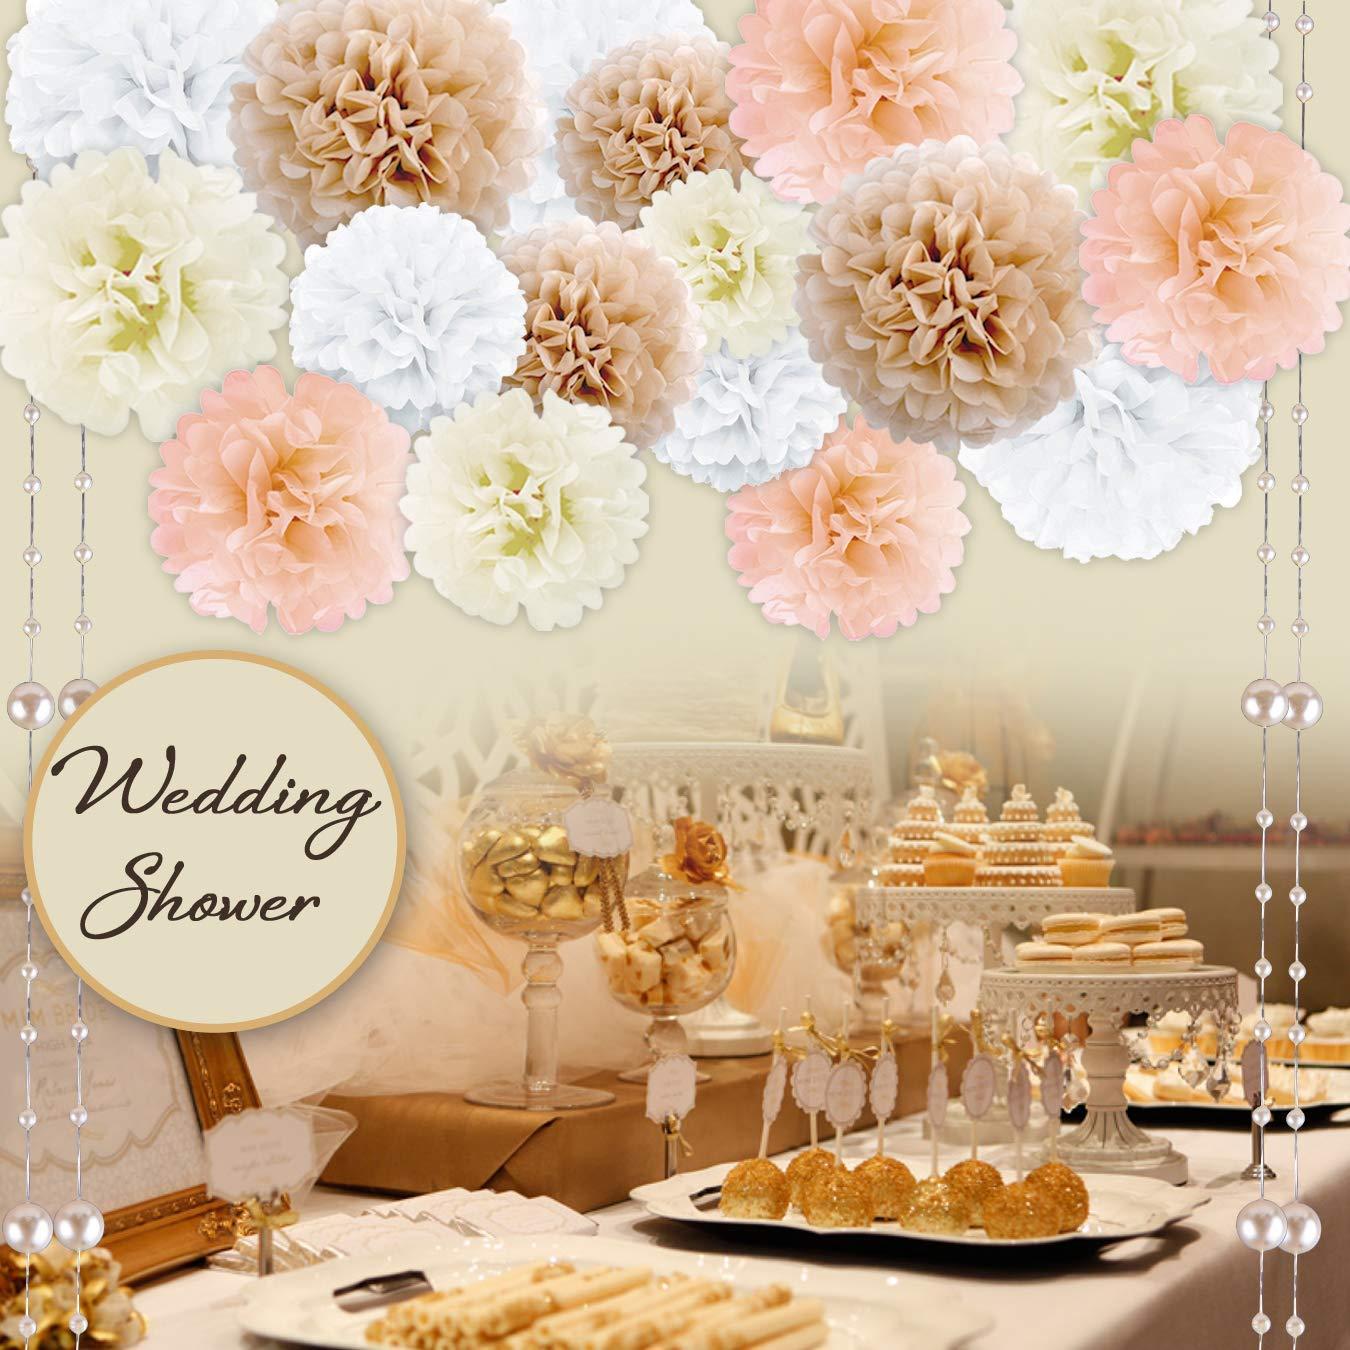 Party Dekor Pom Pom Set Baby- /& Brautduschen Papier Gewebe Pompons / f/ür Feiern /& Events Geburtstag 20 St/ück Hochzeiten Wei/ß, Elfenbein, Pfirsich, Champagner : Neutral Color Blumendekorationen